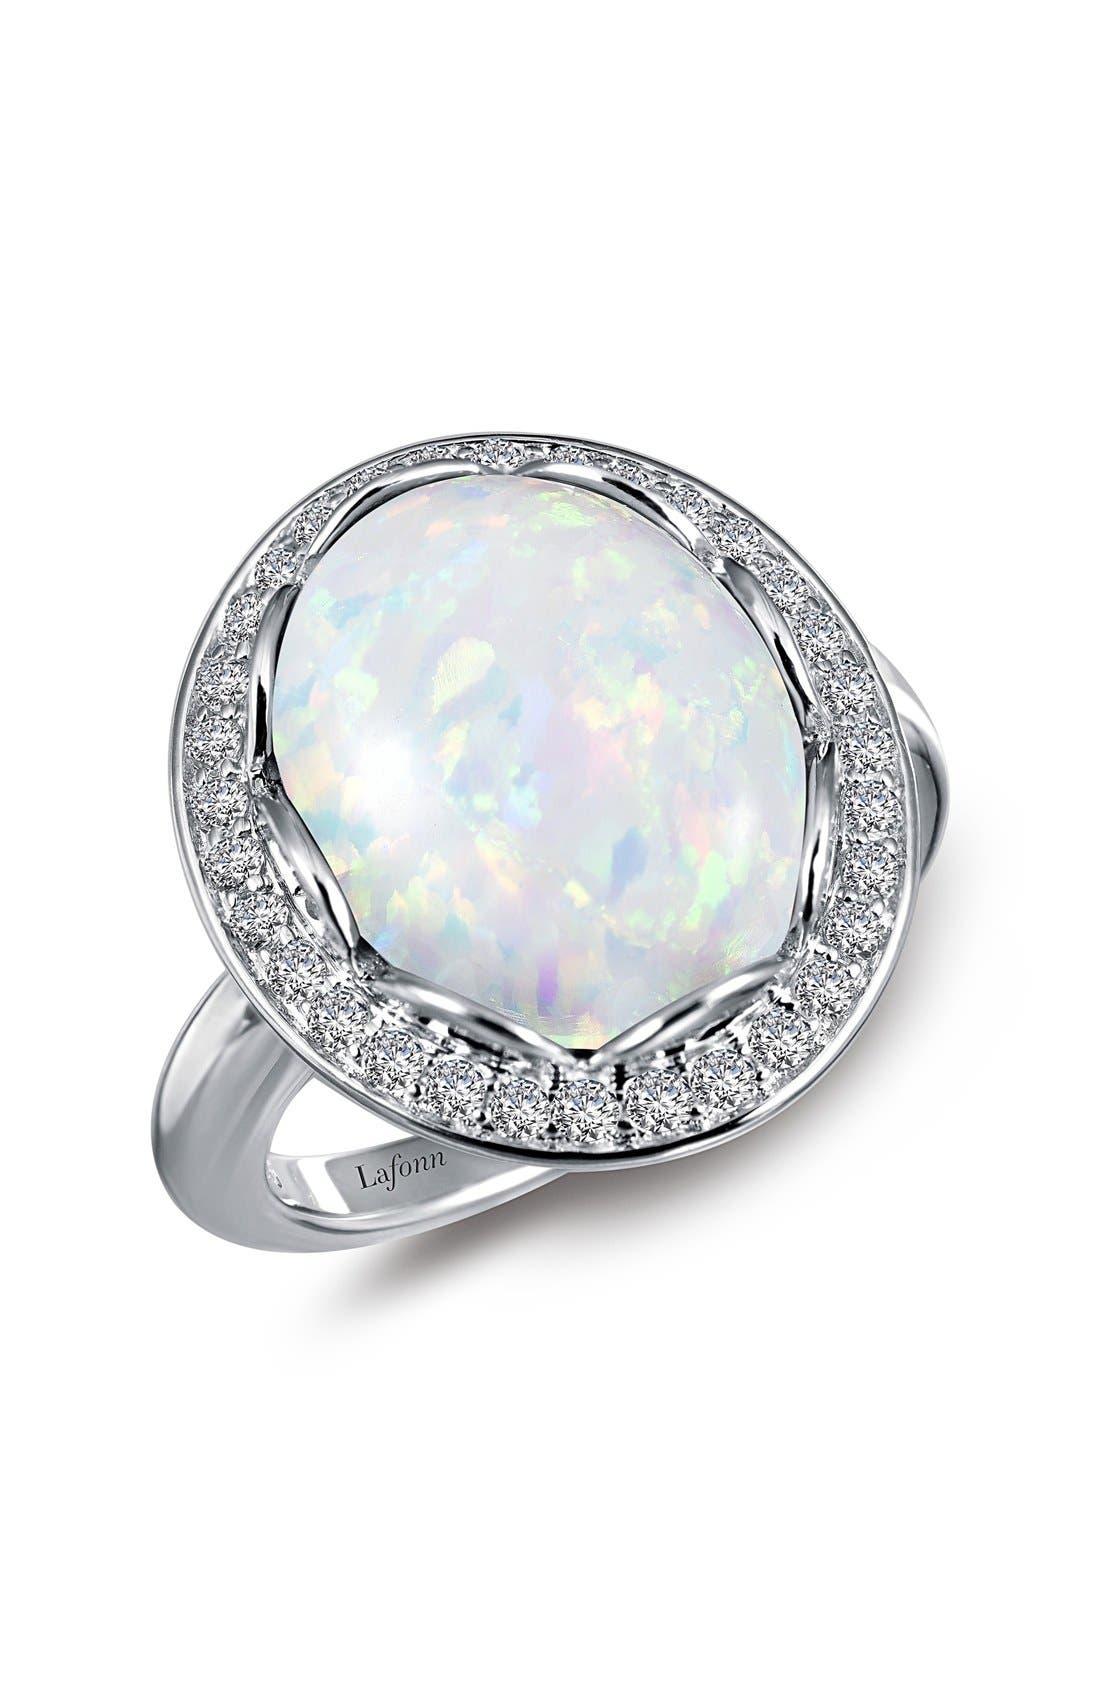 Simulated Opal Halo Ring,                             Main thumbnail 1, color,                             Silver